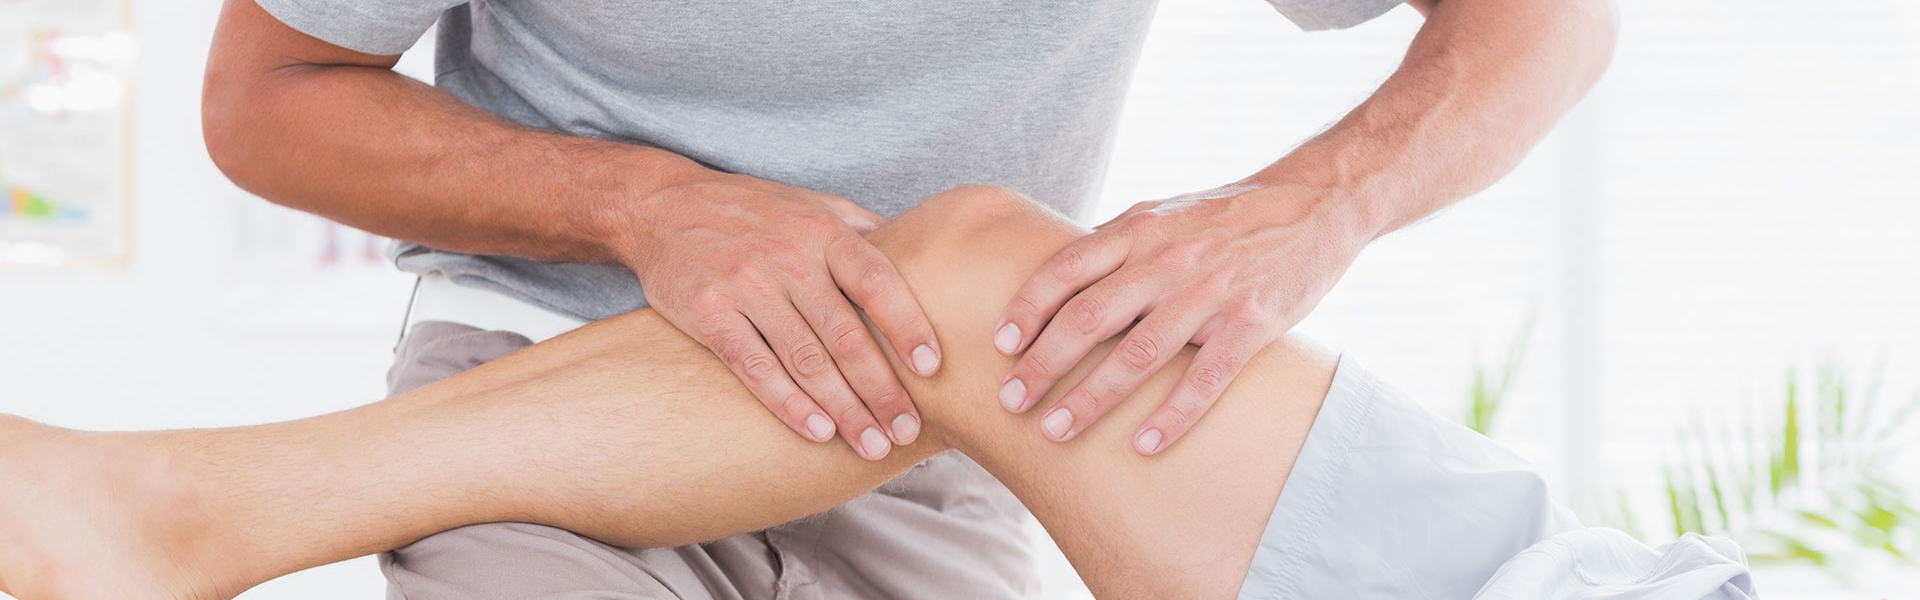 Bestmögliche osteopathische Behandlung